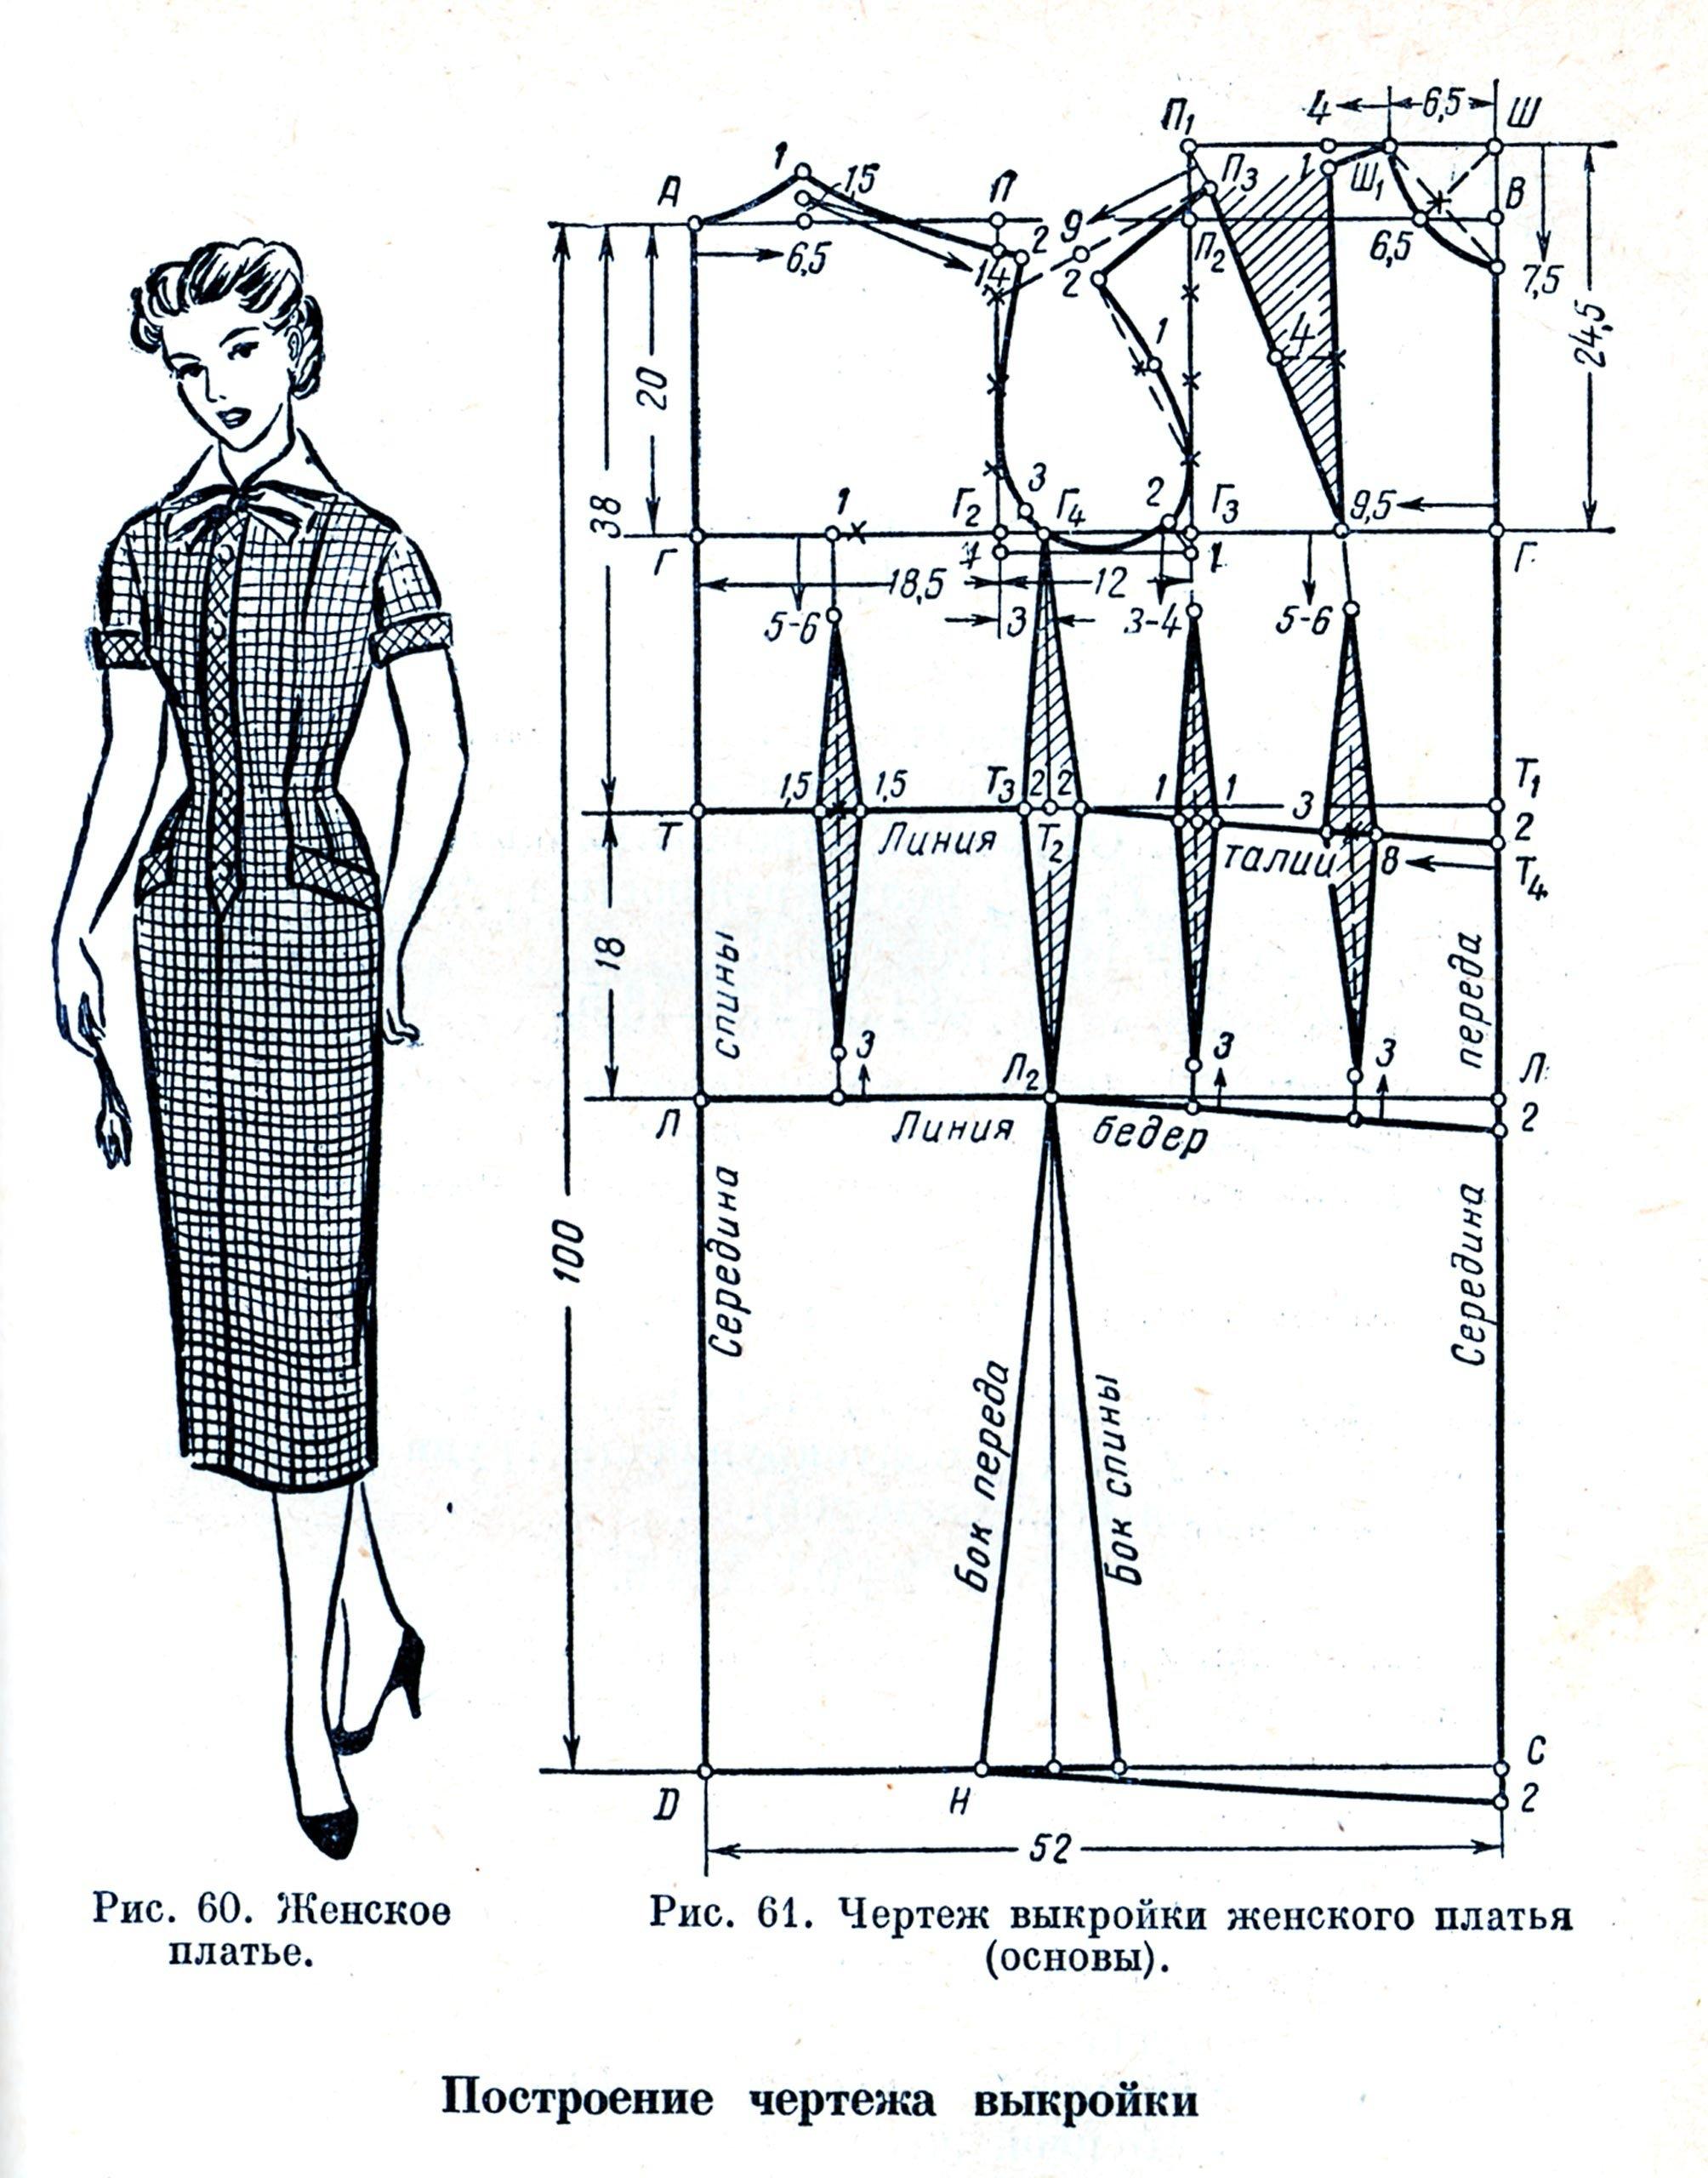 Построение выкроек женского платья